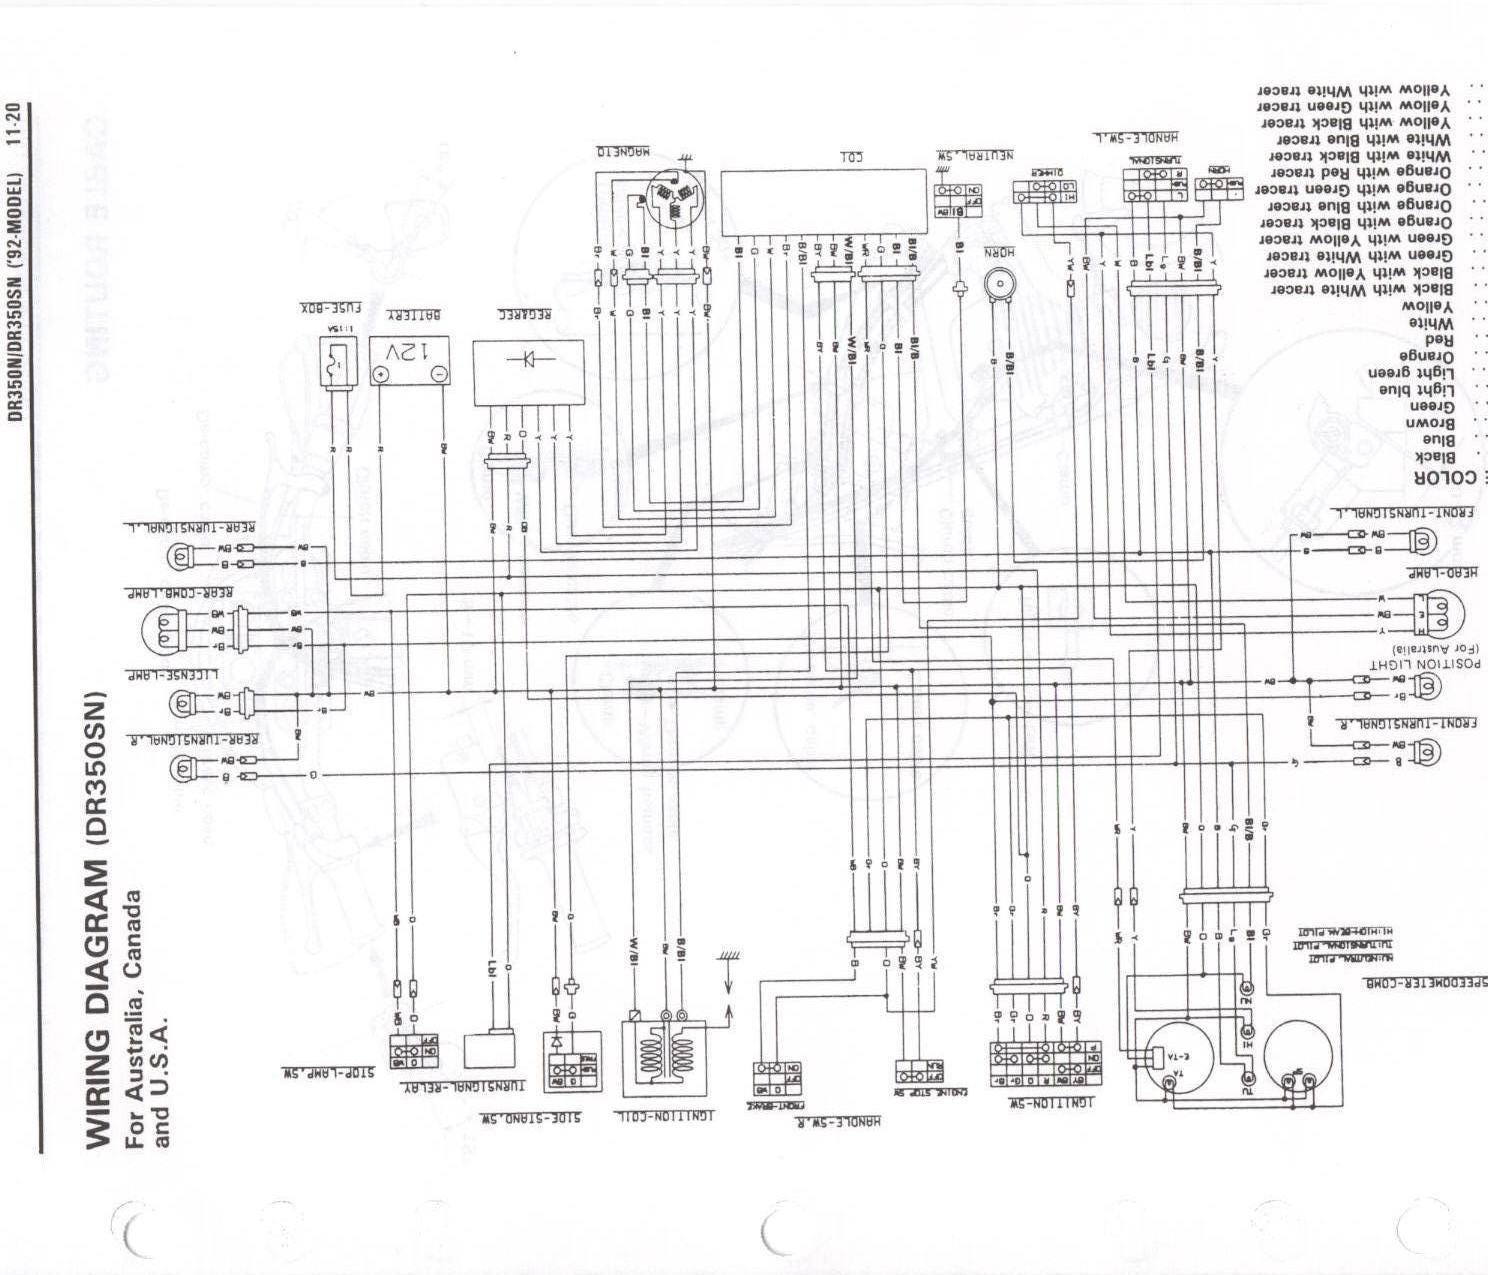 Elektronik] Beim Zündung-Ausmachen brennen Lampen durch - Werkstatt